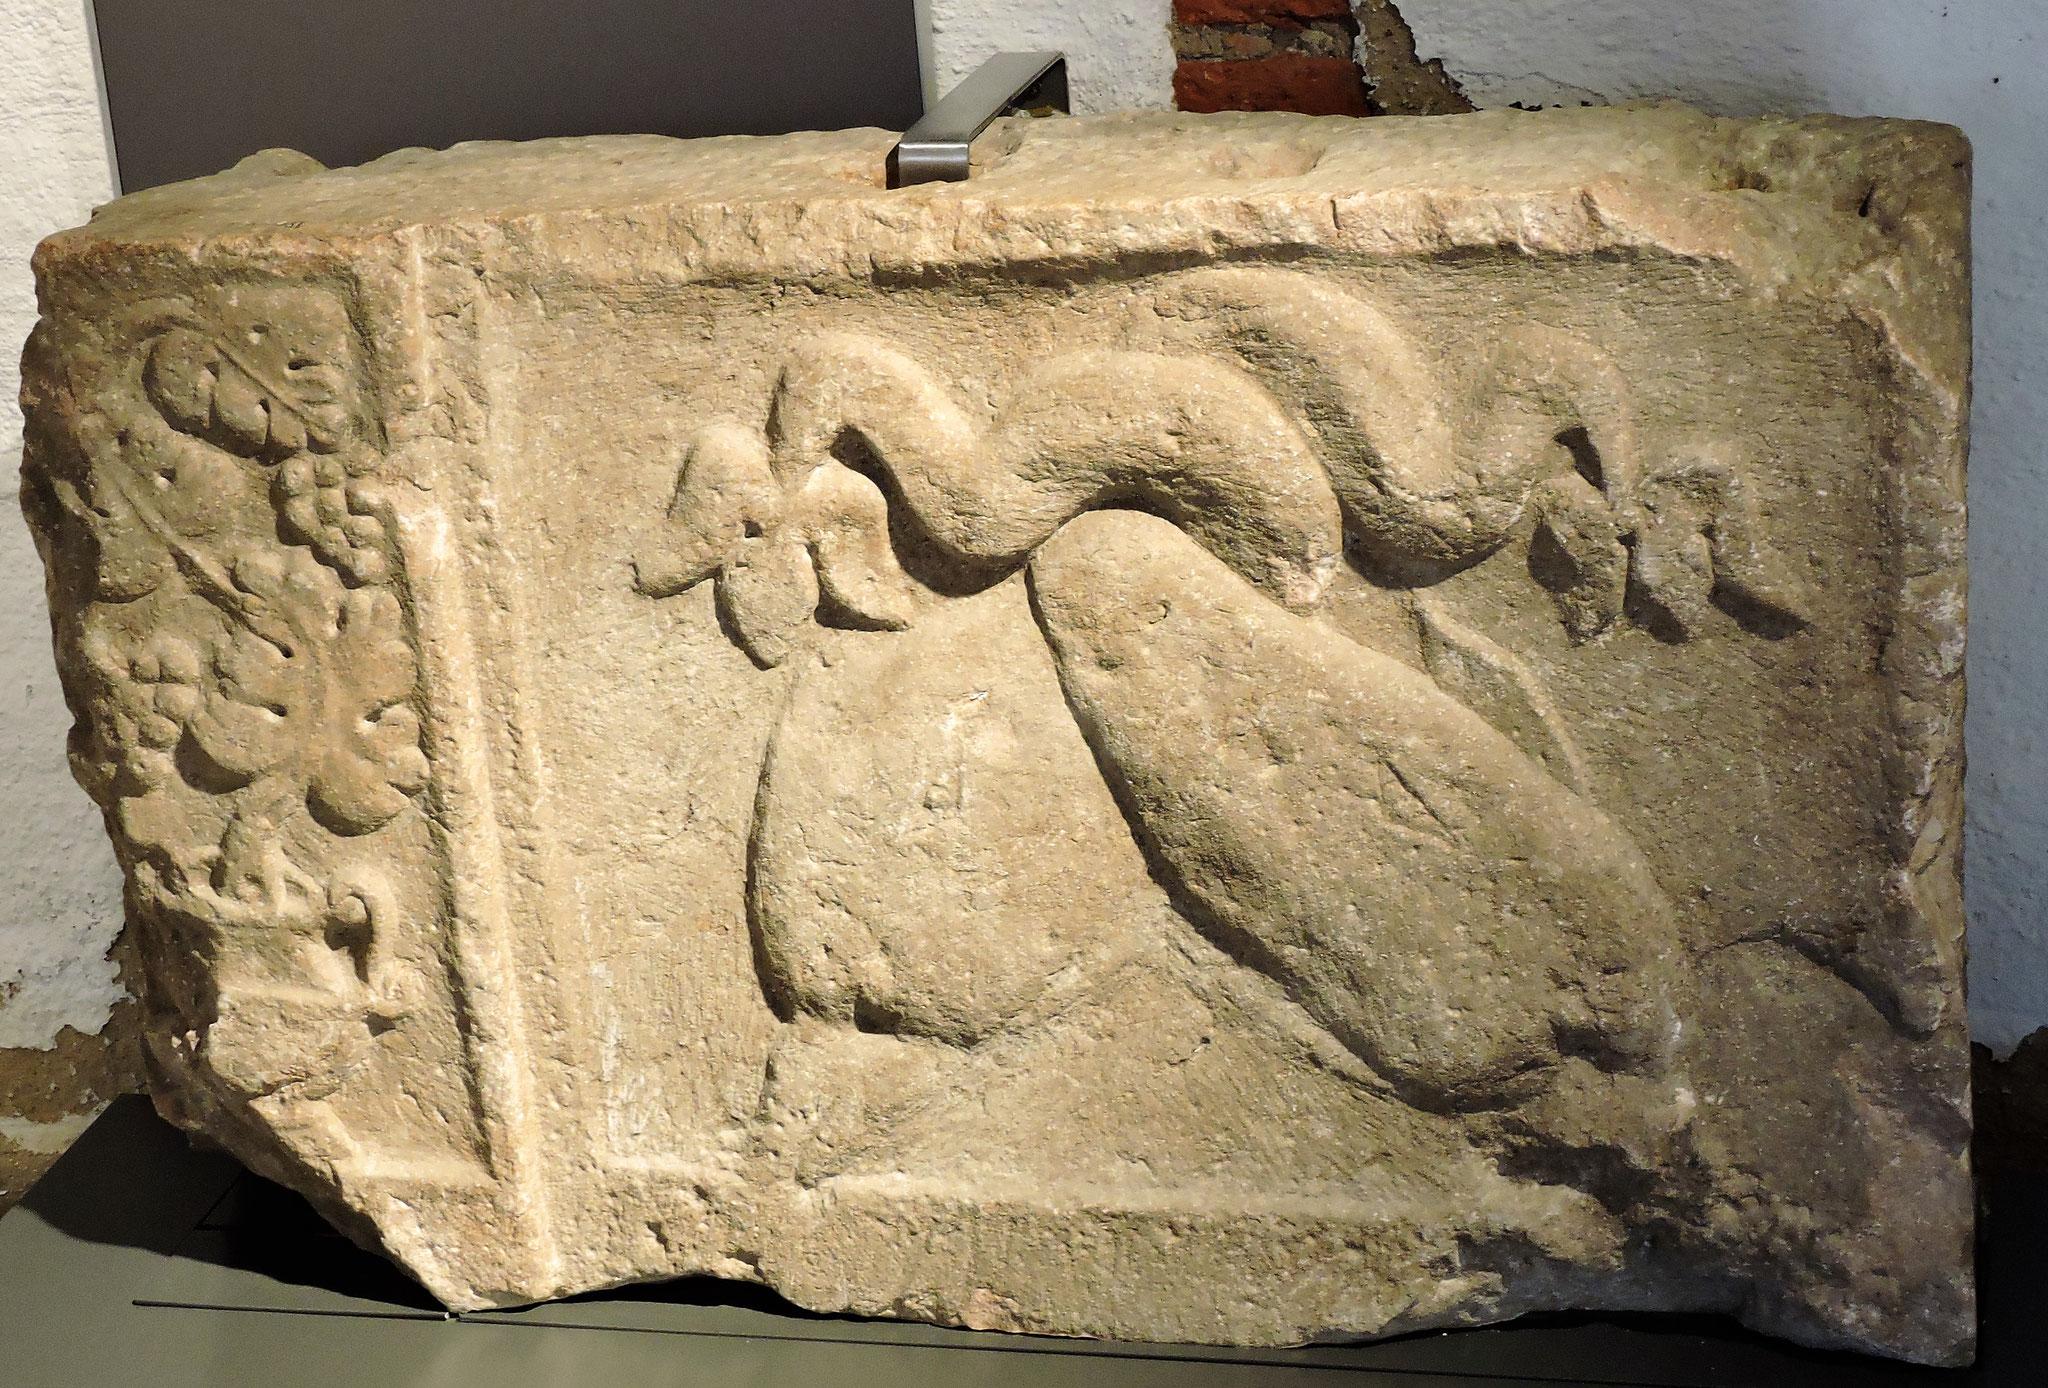 Grabmal mit Delphinen und Weinranken - Symbolen des Totenkults ©B. Bichler